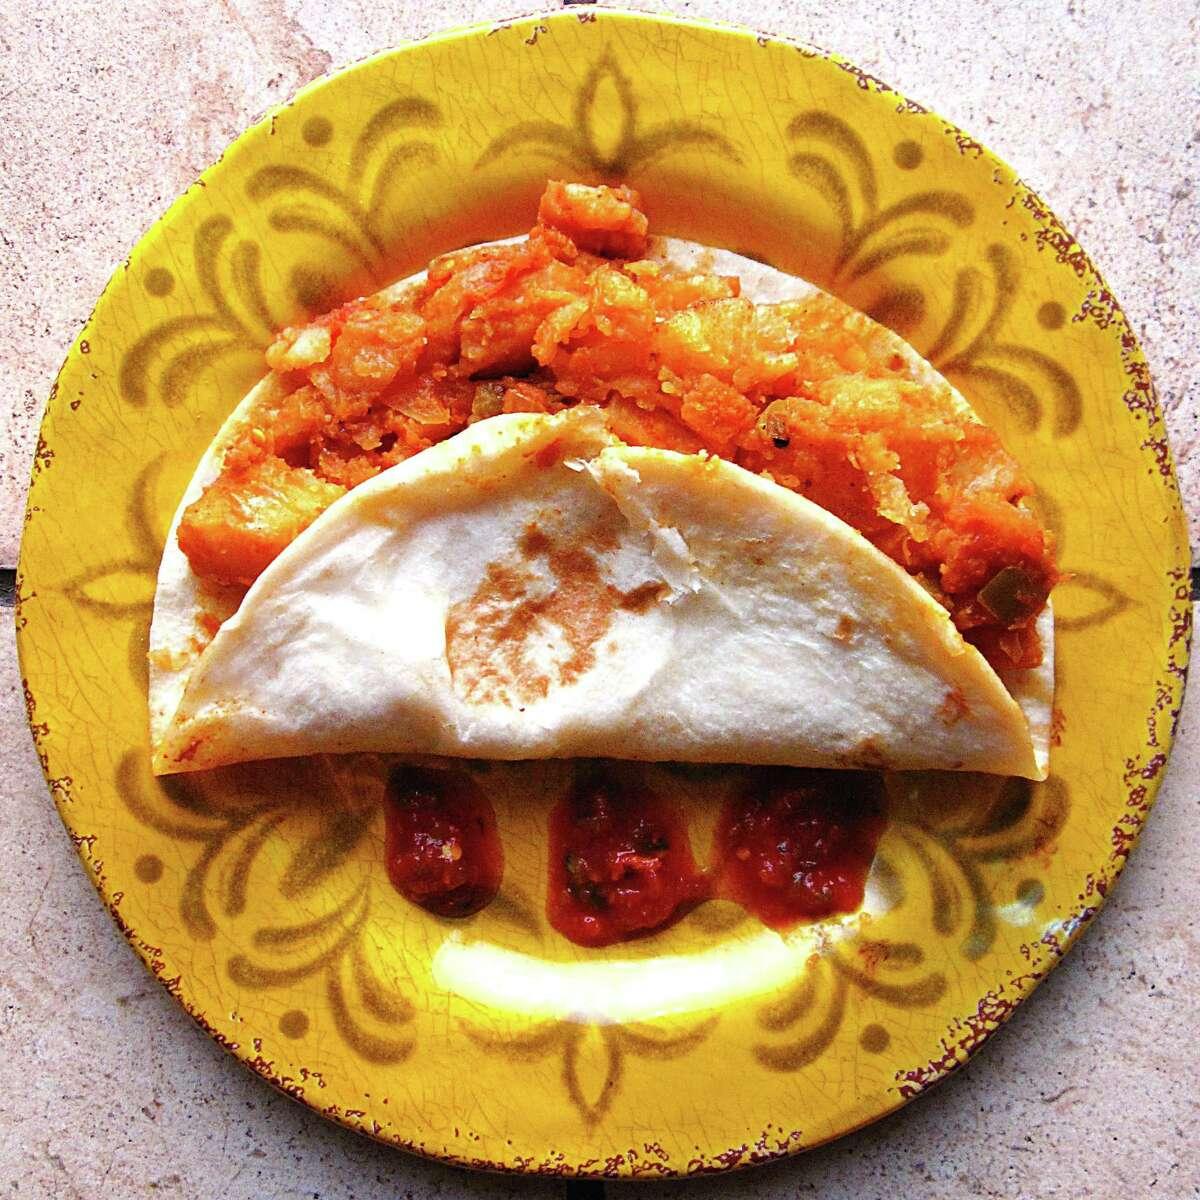 Papas rancheras taco on a handmade flour tortilla from Taquería Jimador.